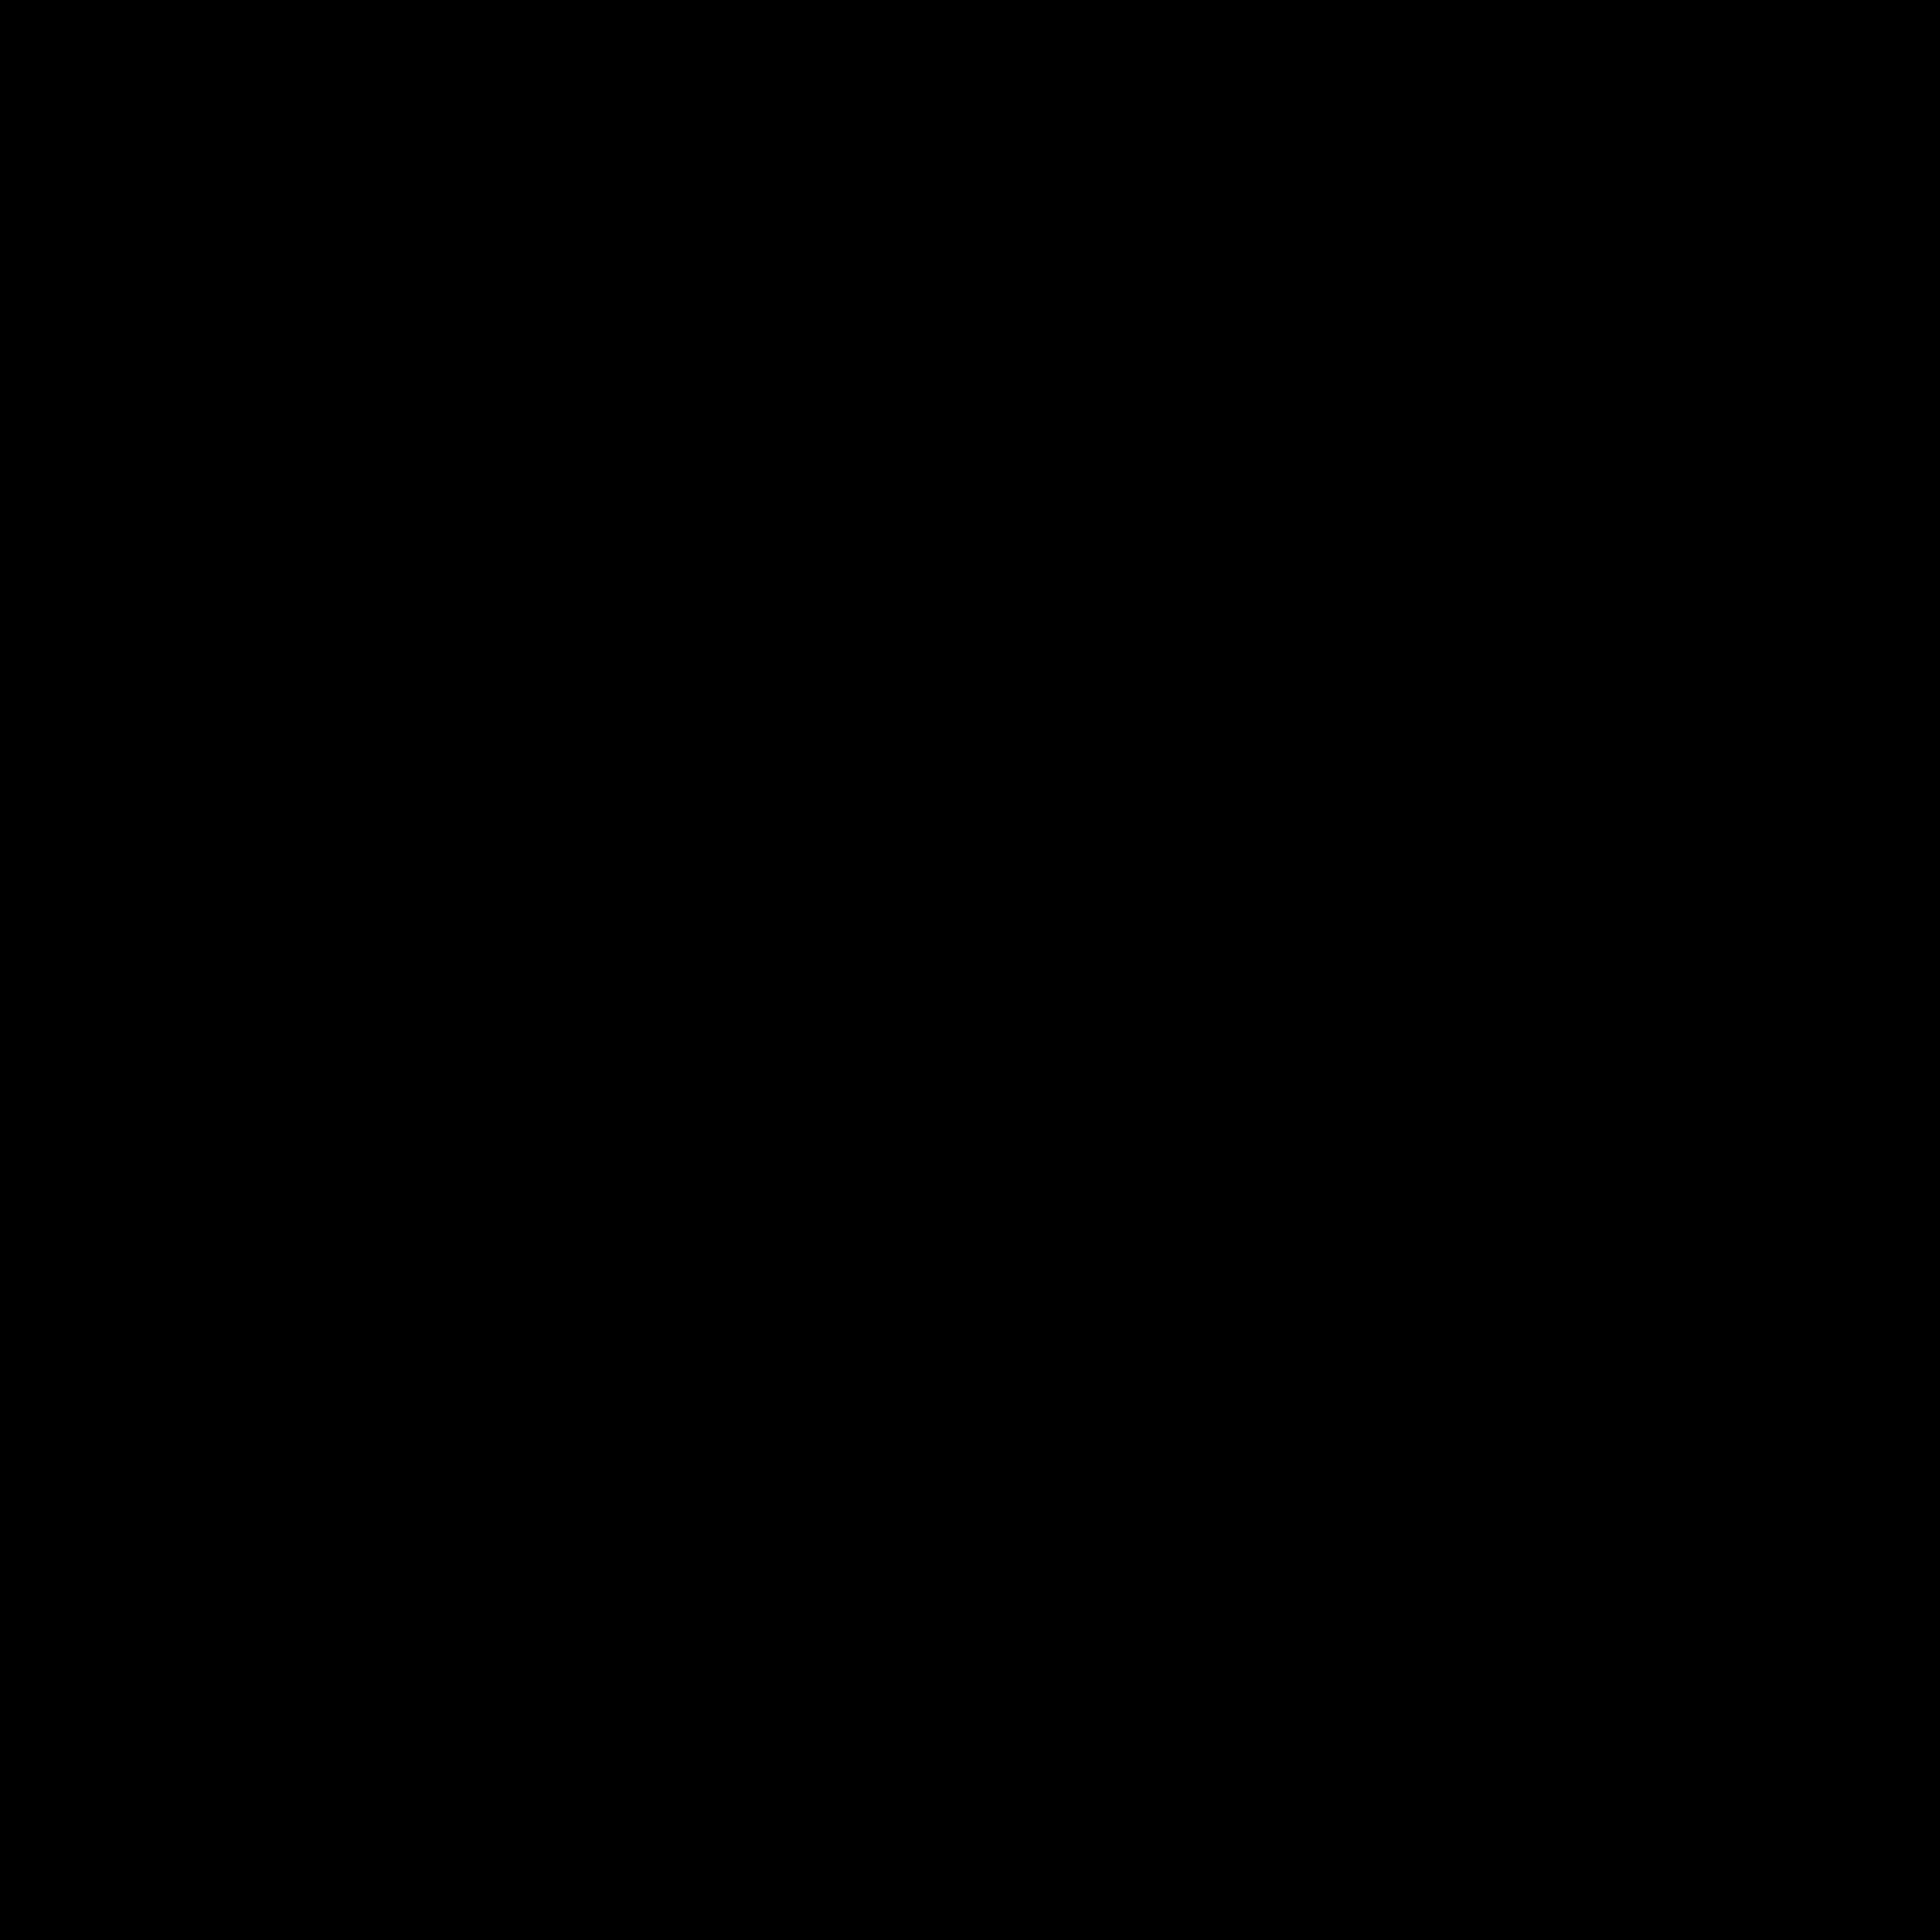 Hechtsheim-Shirt von Charles